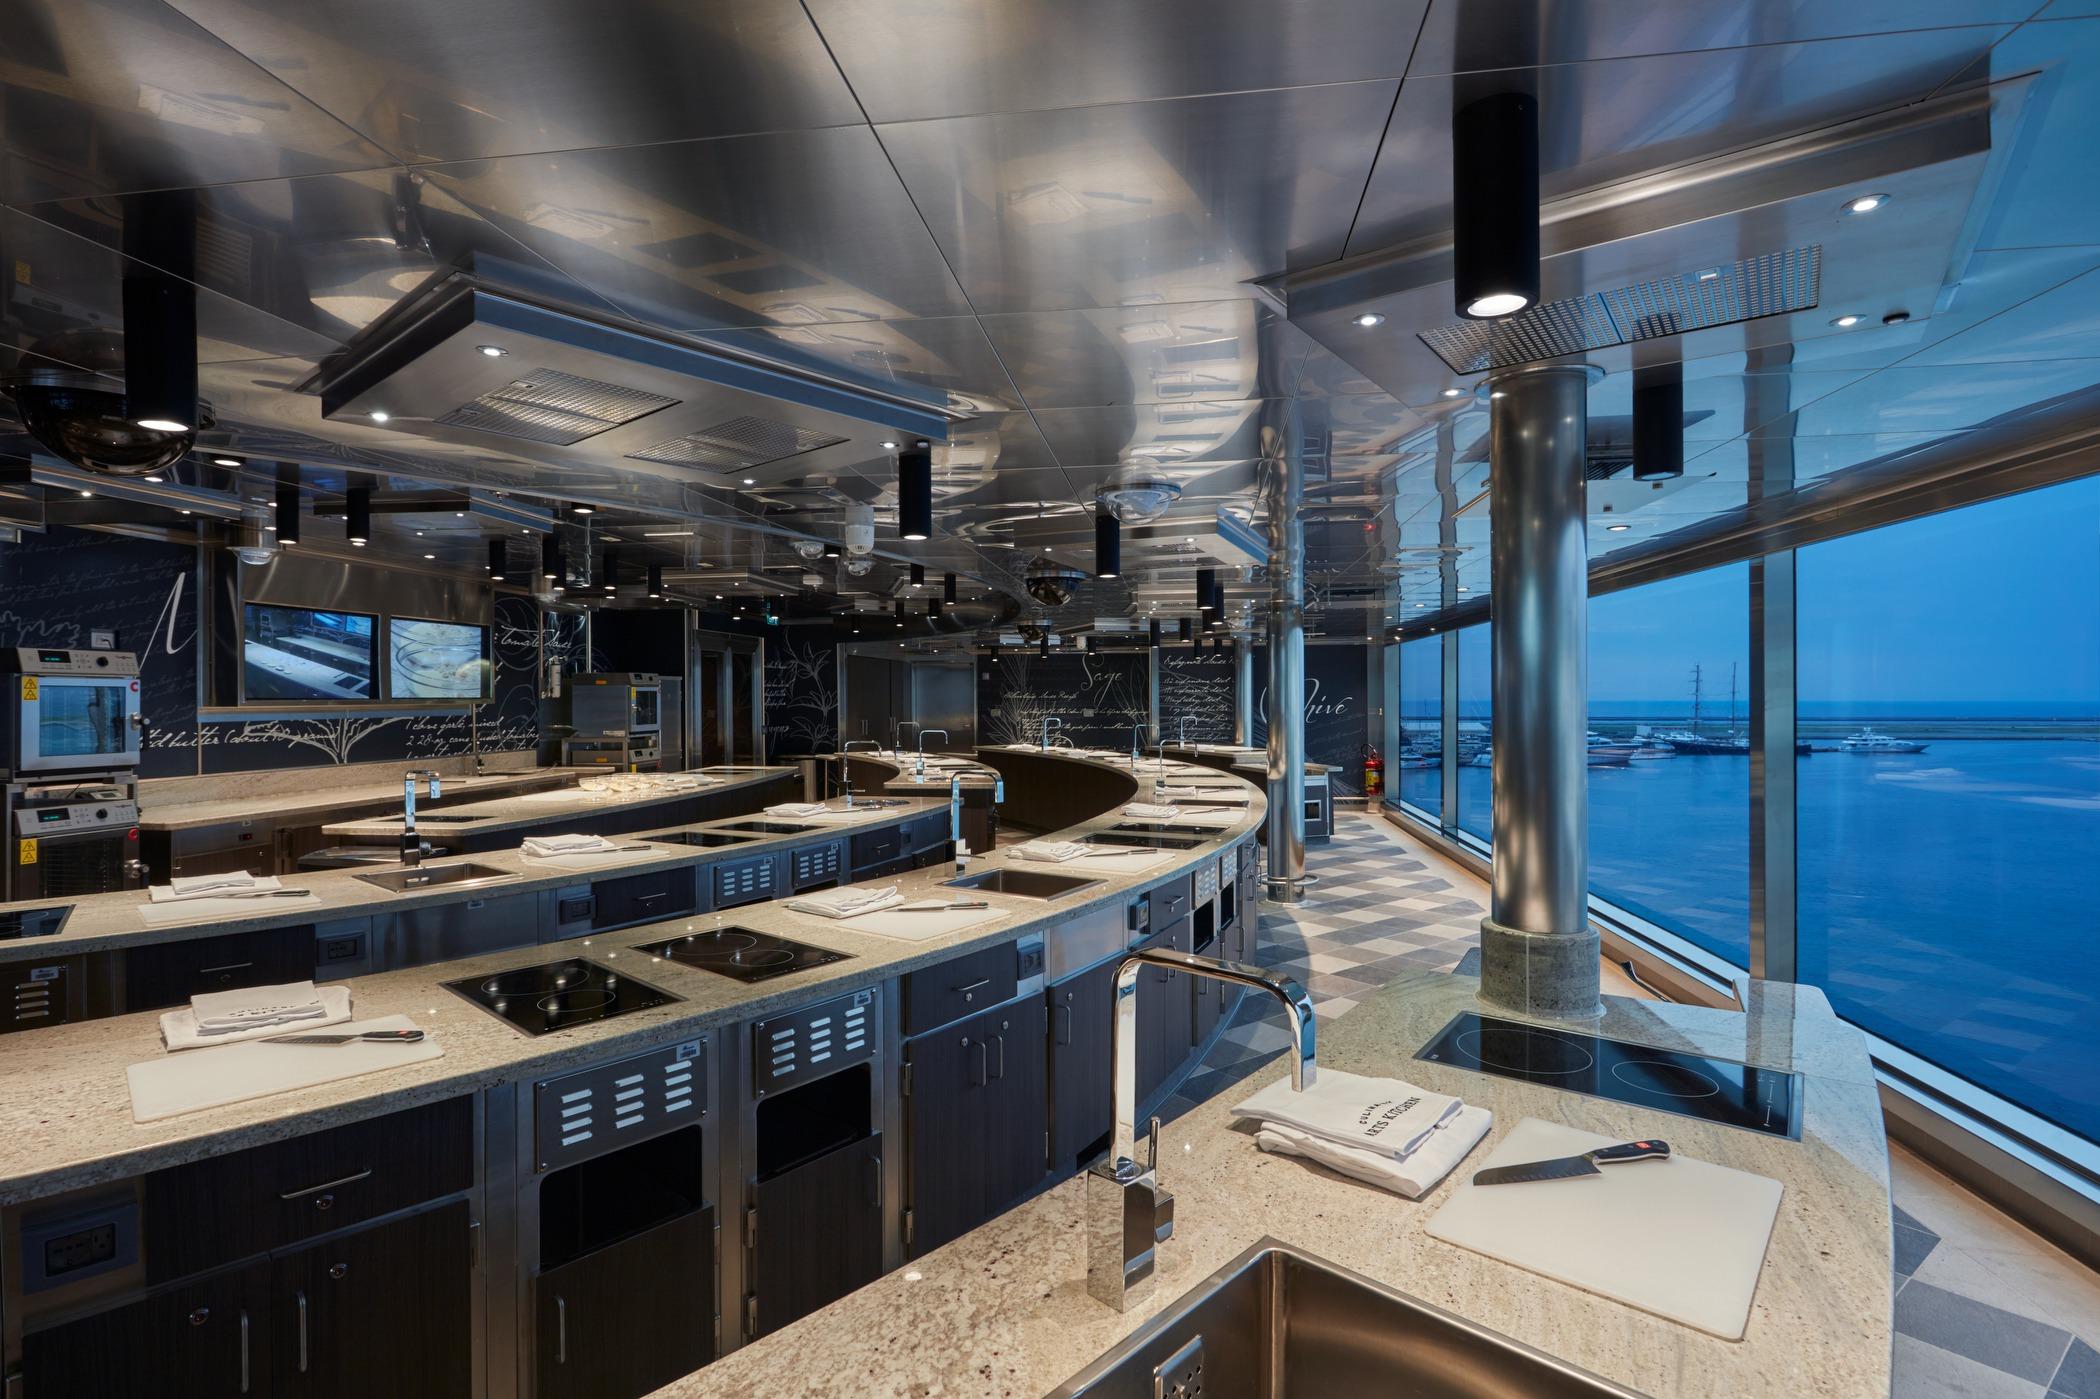 Regent Seven Seas Explorer - Culinary Arts Kitchen